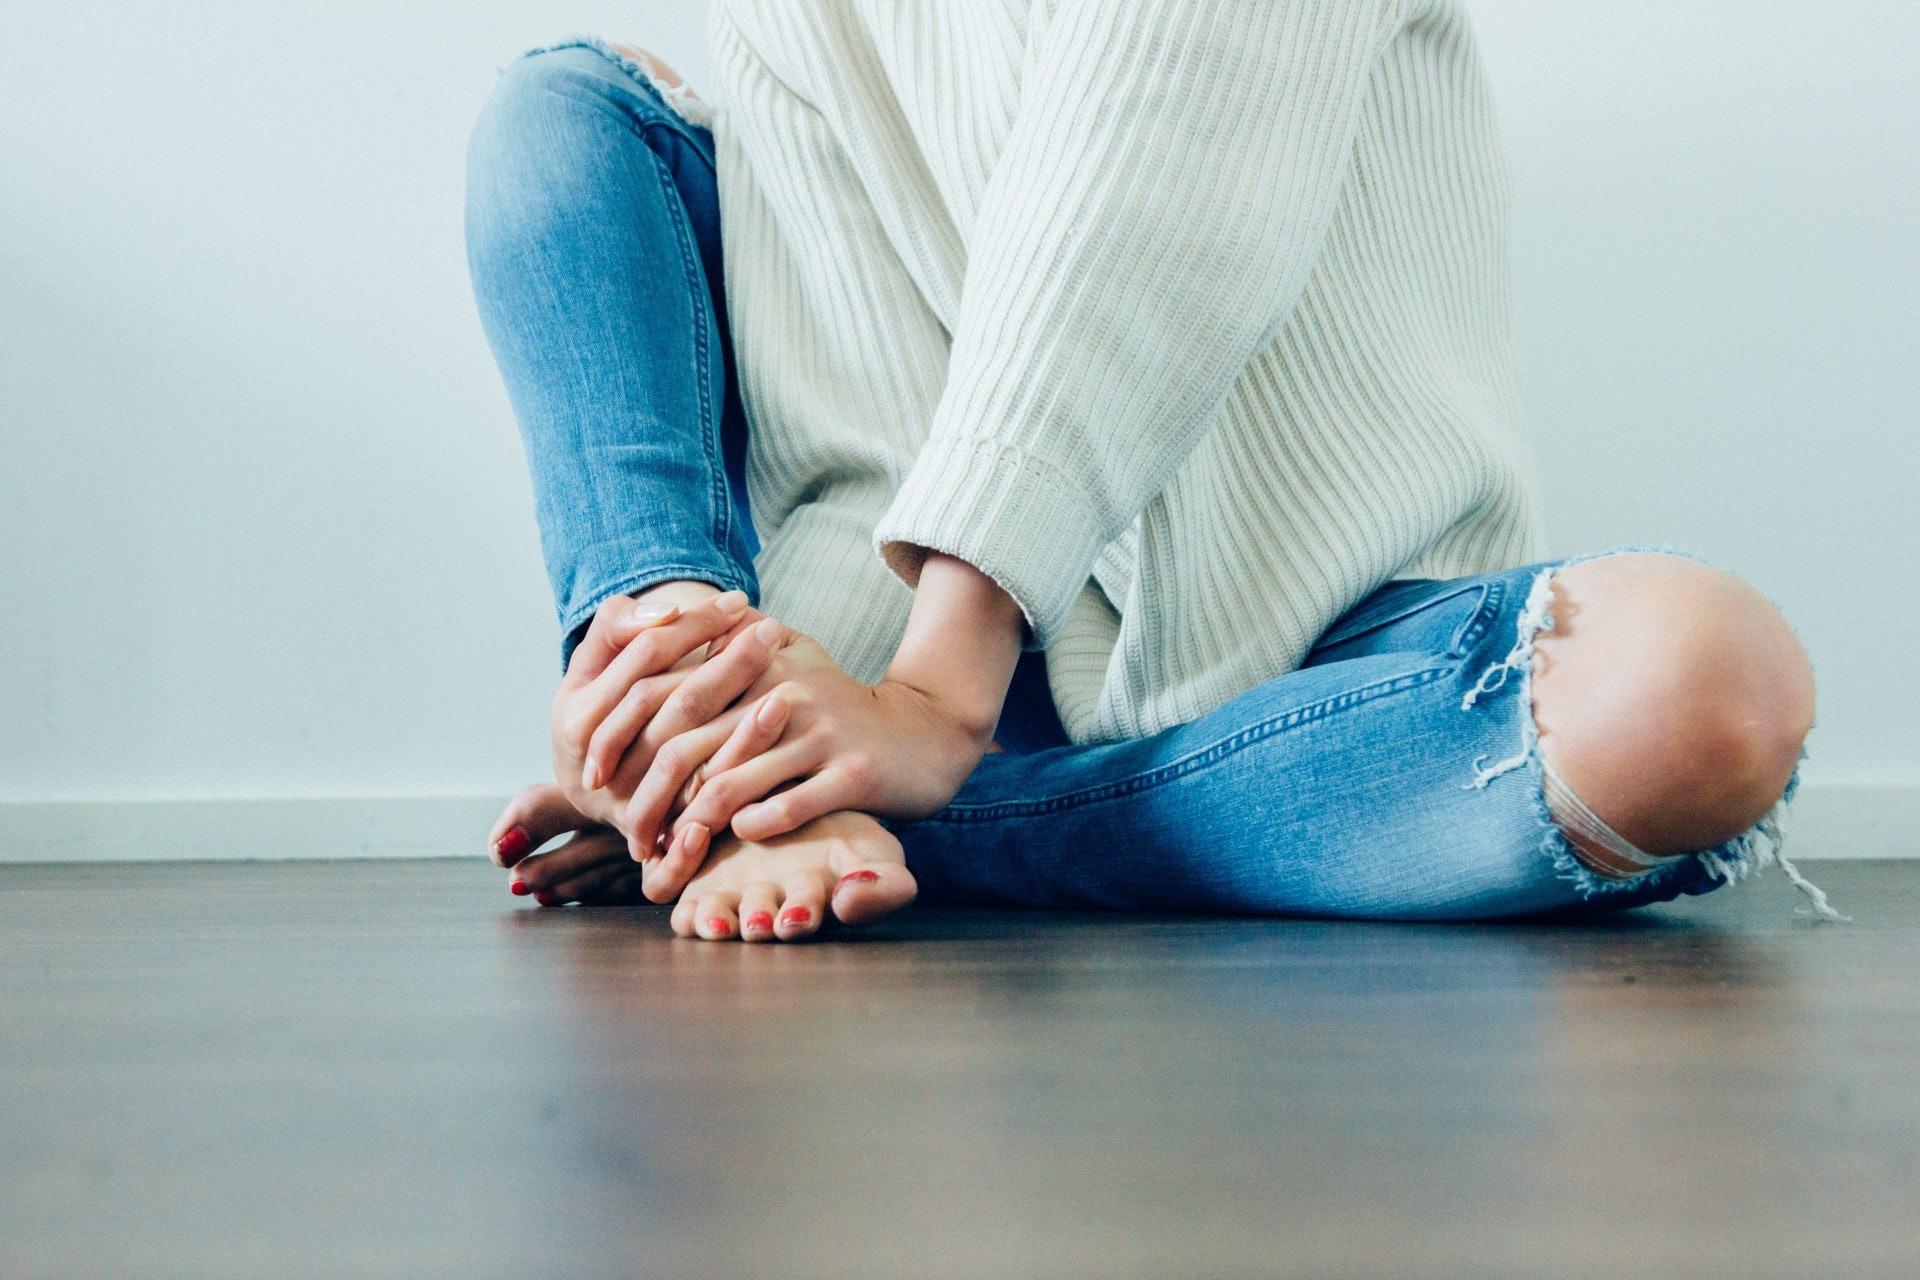 全球有超过100种不同类型的关节炎,不只在老年人身上发生,上班族、运动族及女性也应留意。 (Imani Clovis@Unsplash)